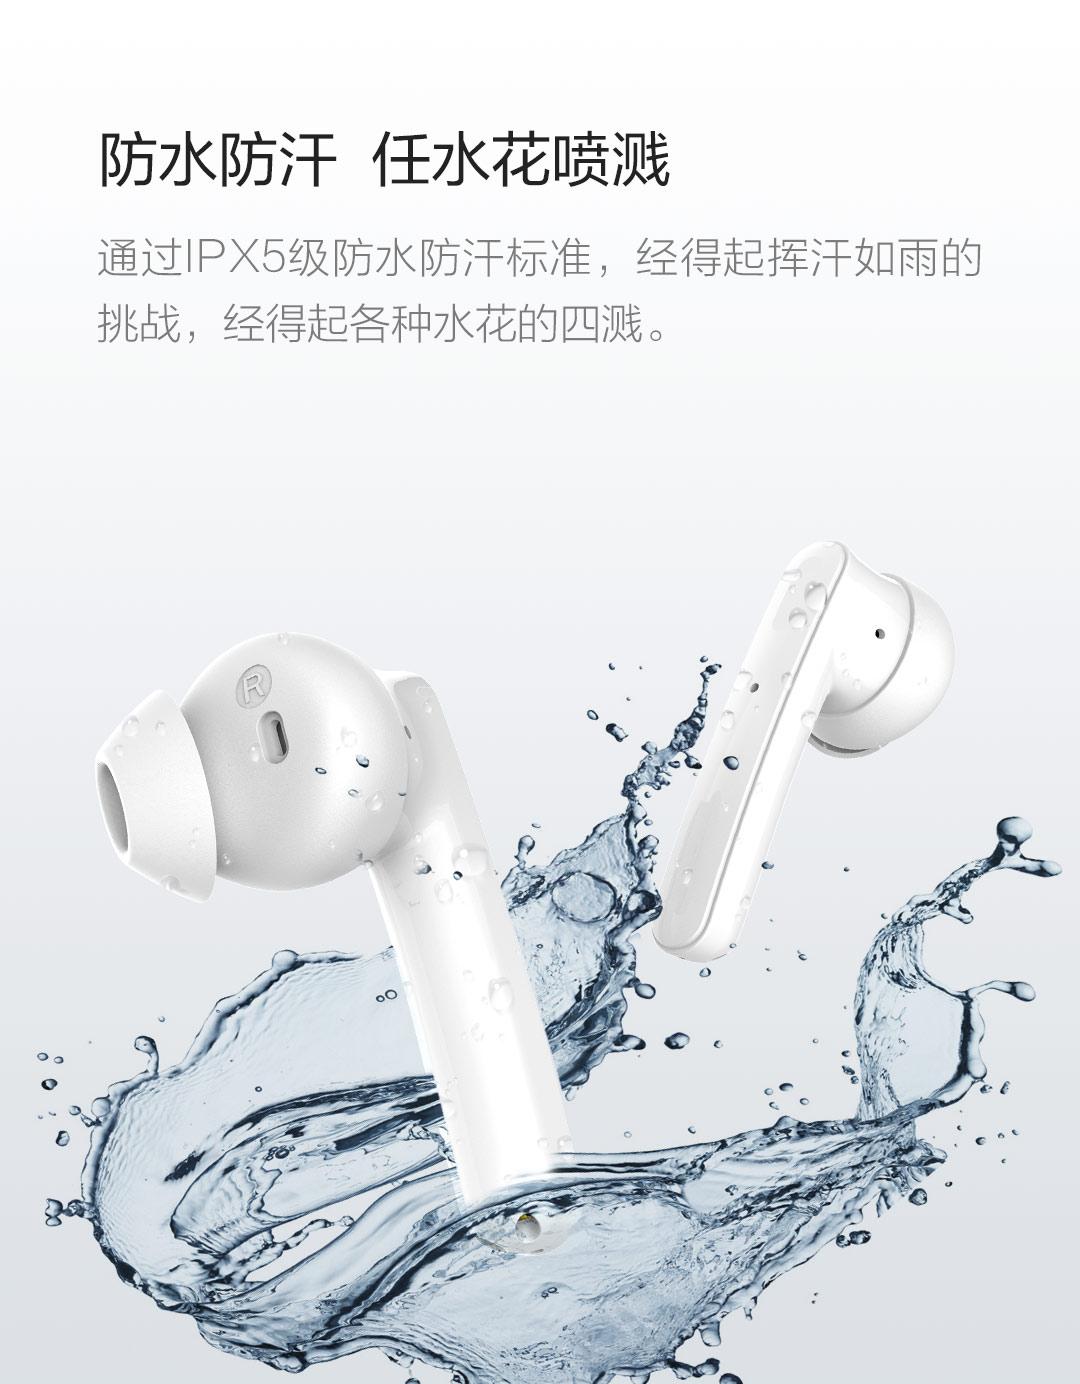 TicPods ANC Xiaomi, los auriculares de Mobvoi a la venta en Youpin